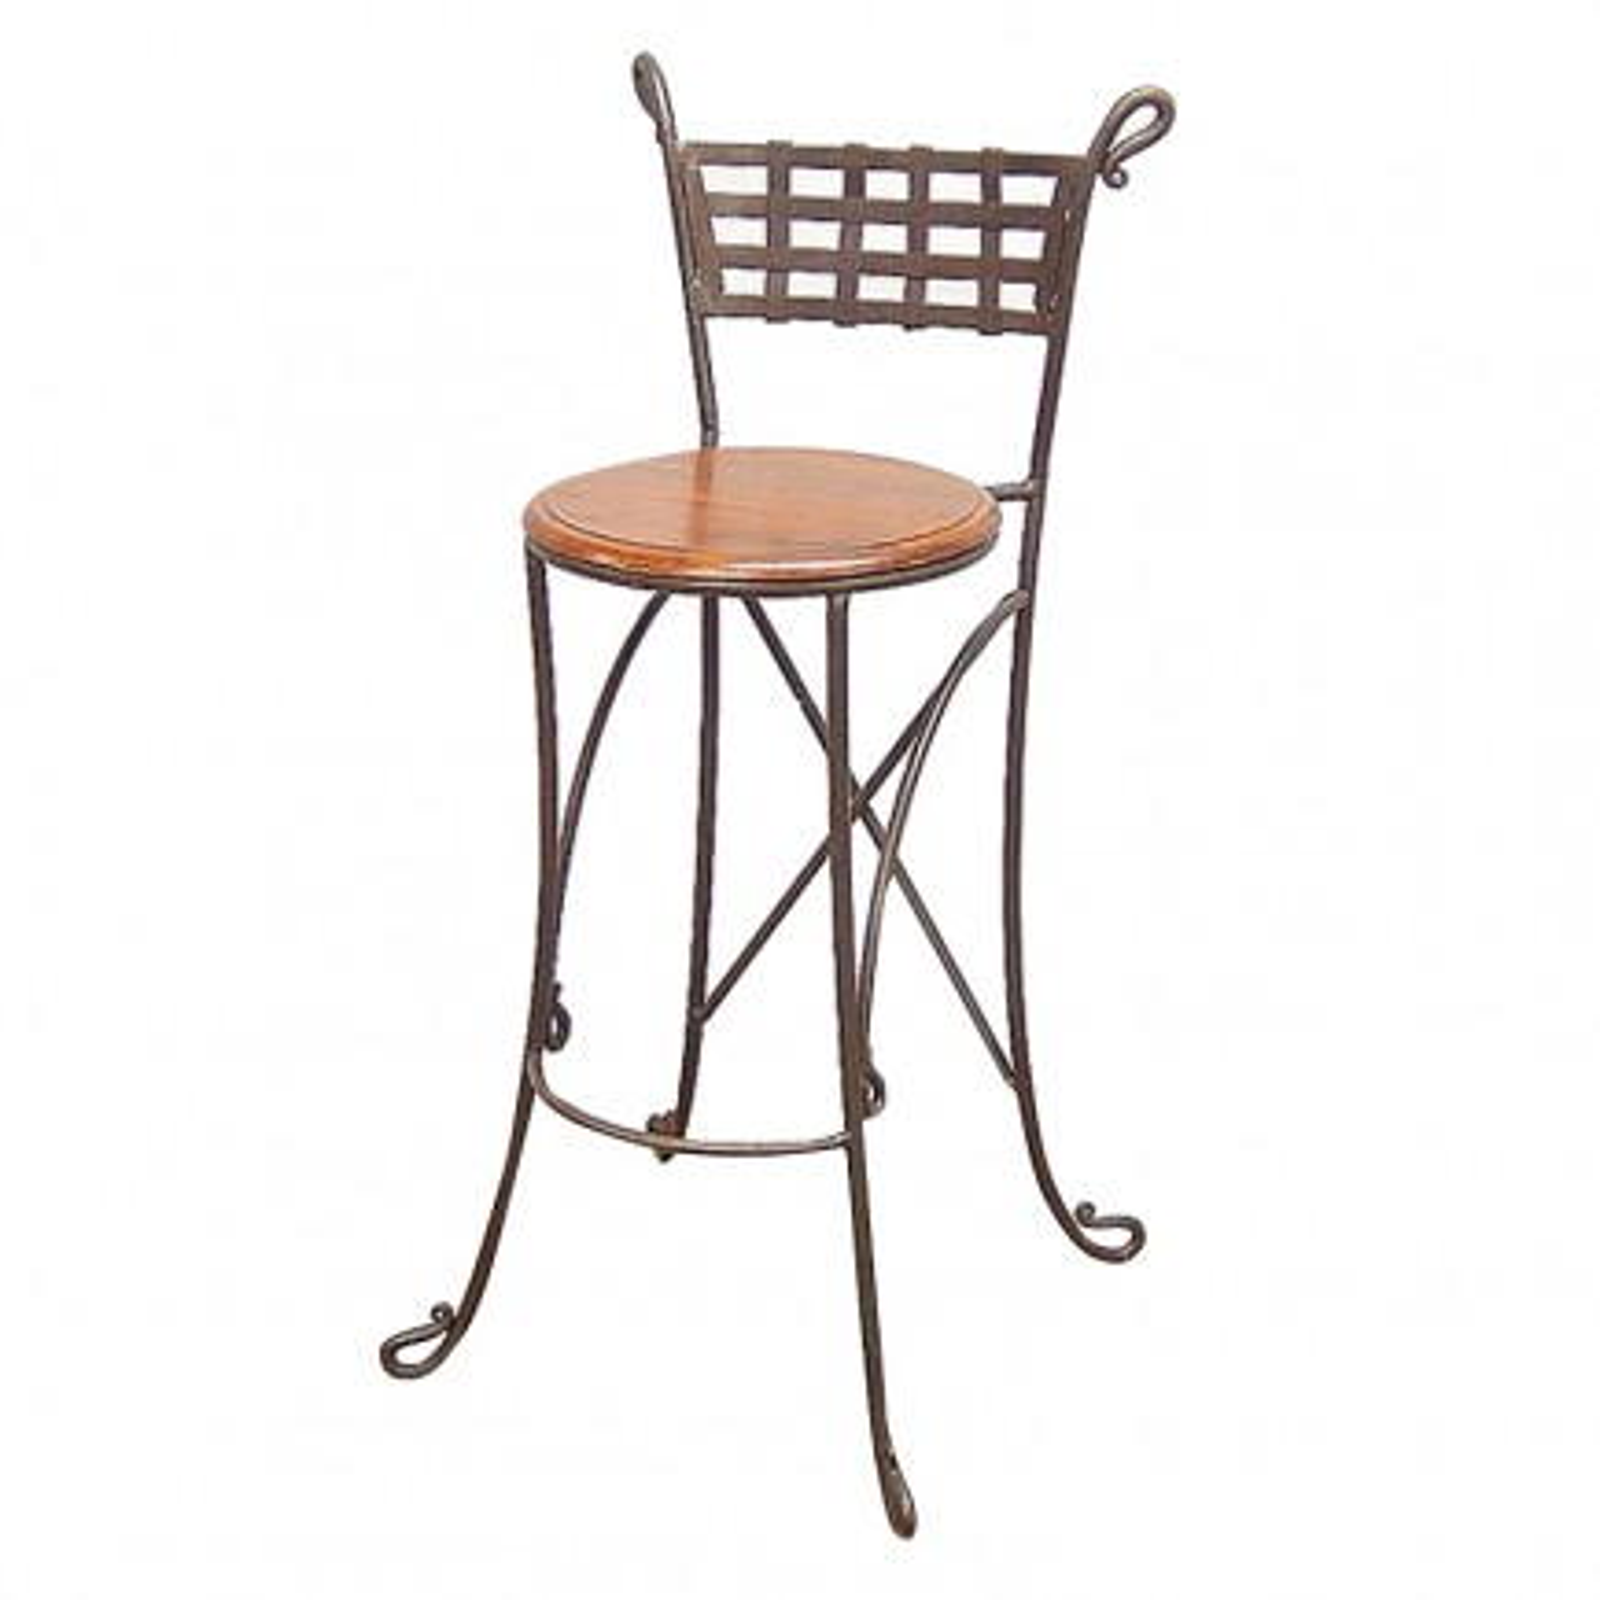 tabouret de bar vintage en fer forg palissandre. Black Bedroom Furniture Sets. Home Design Ideas